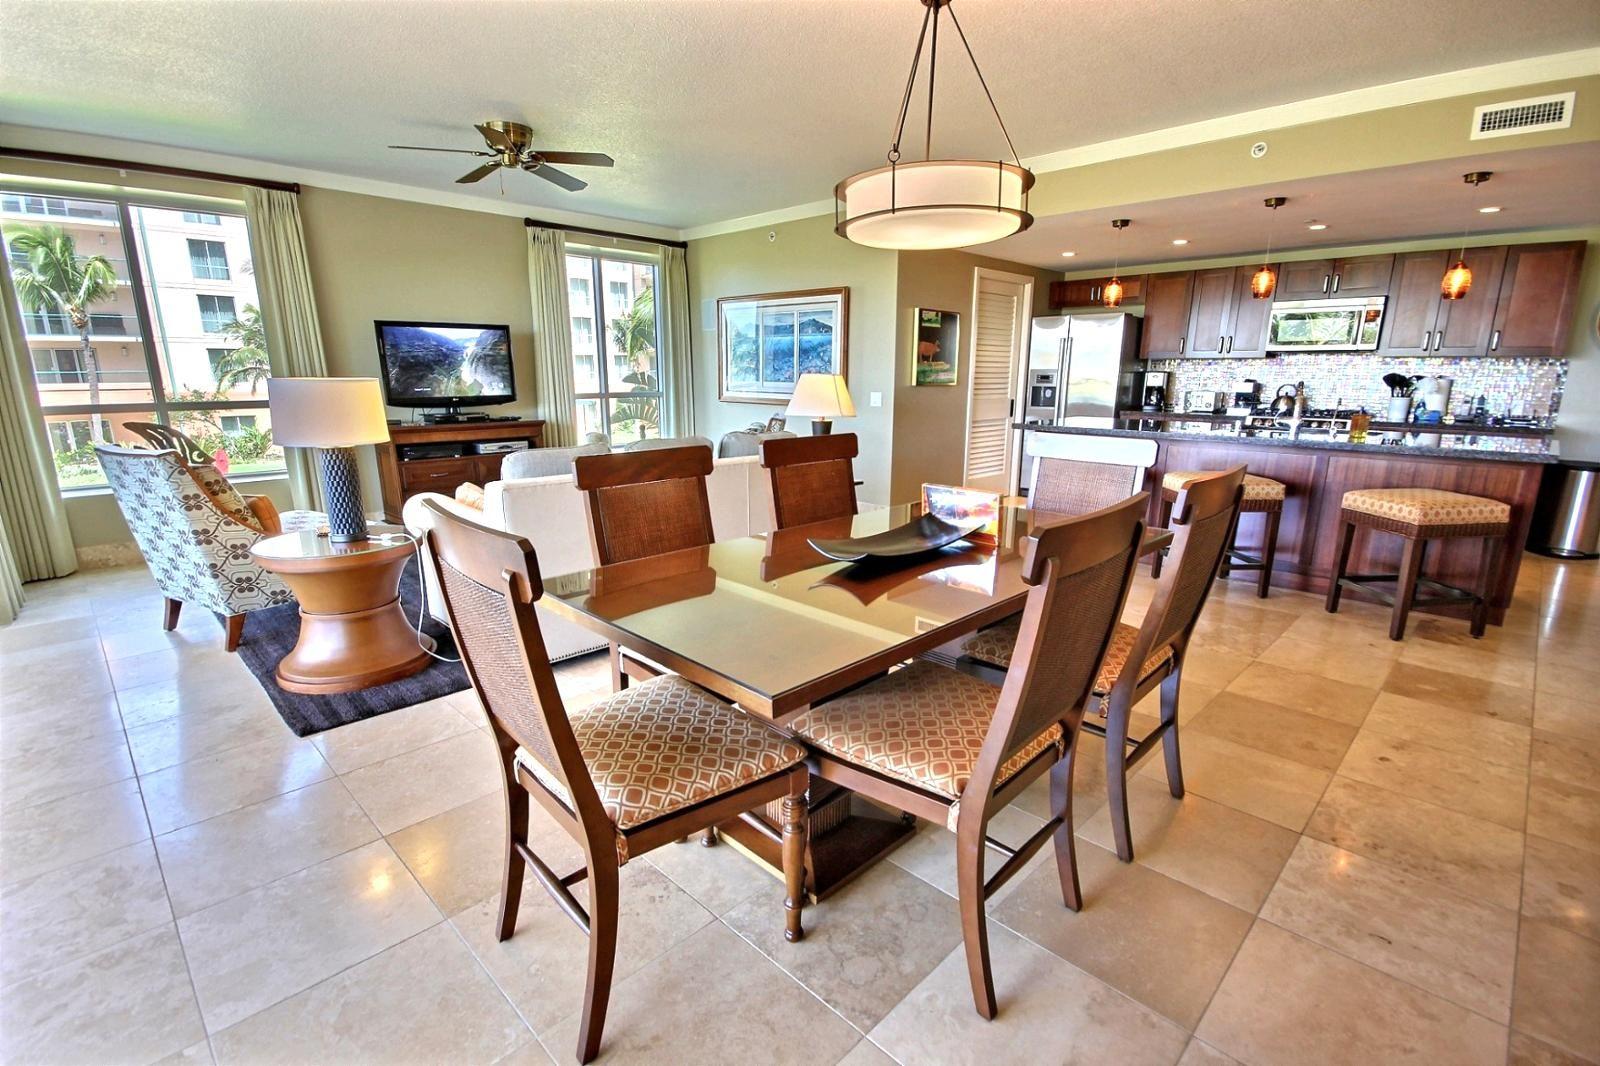 Stunning Open Floor Kitchen Ideas Open Floor Plan Kitchen Living Room Floor Plans Dining Room Floor #open #floor #plan #living #room #ideas